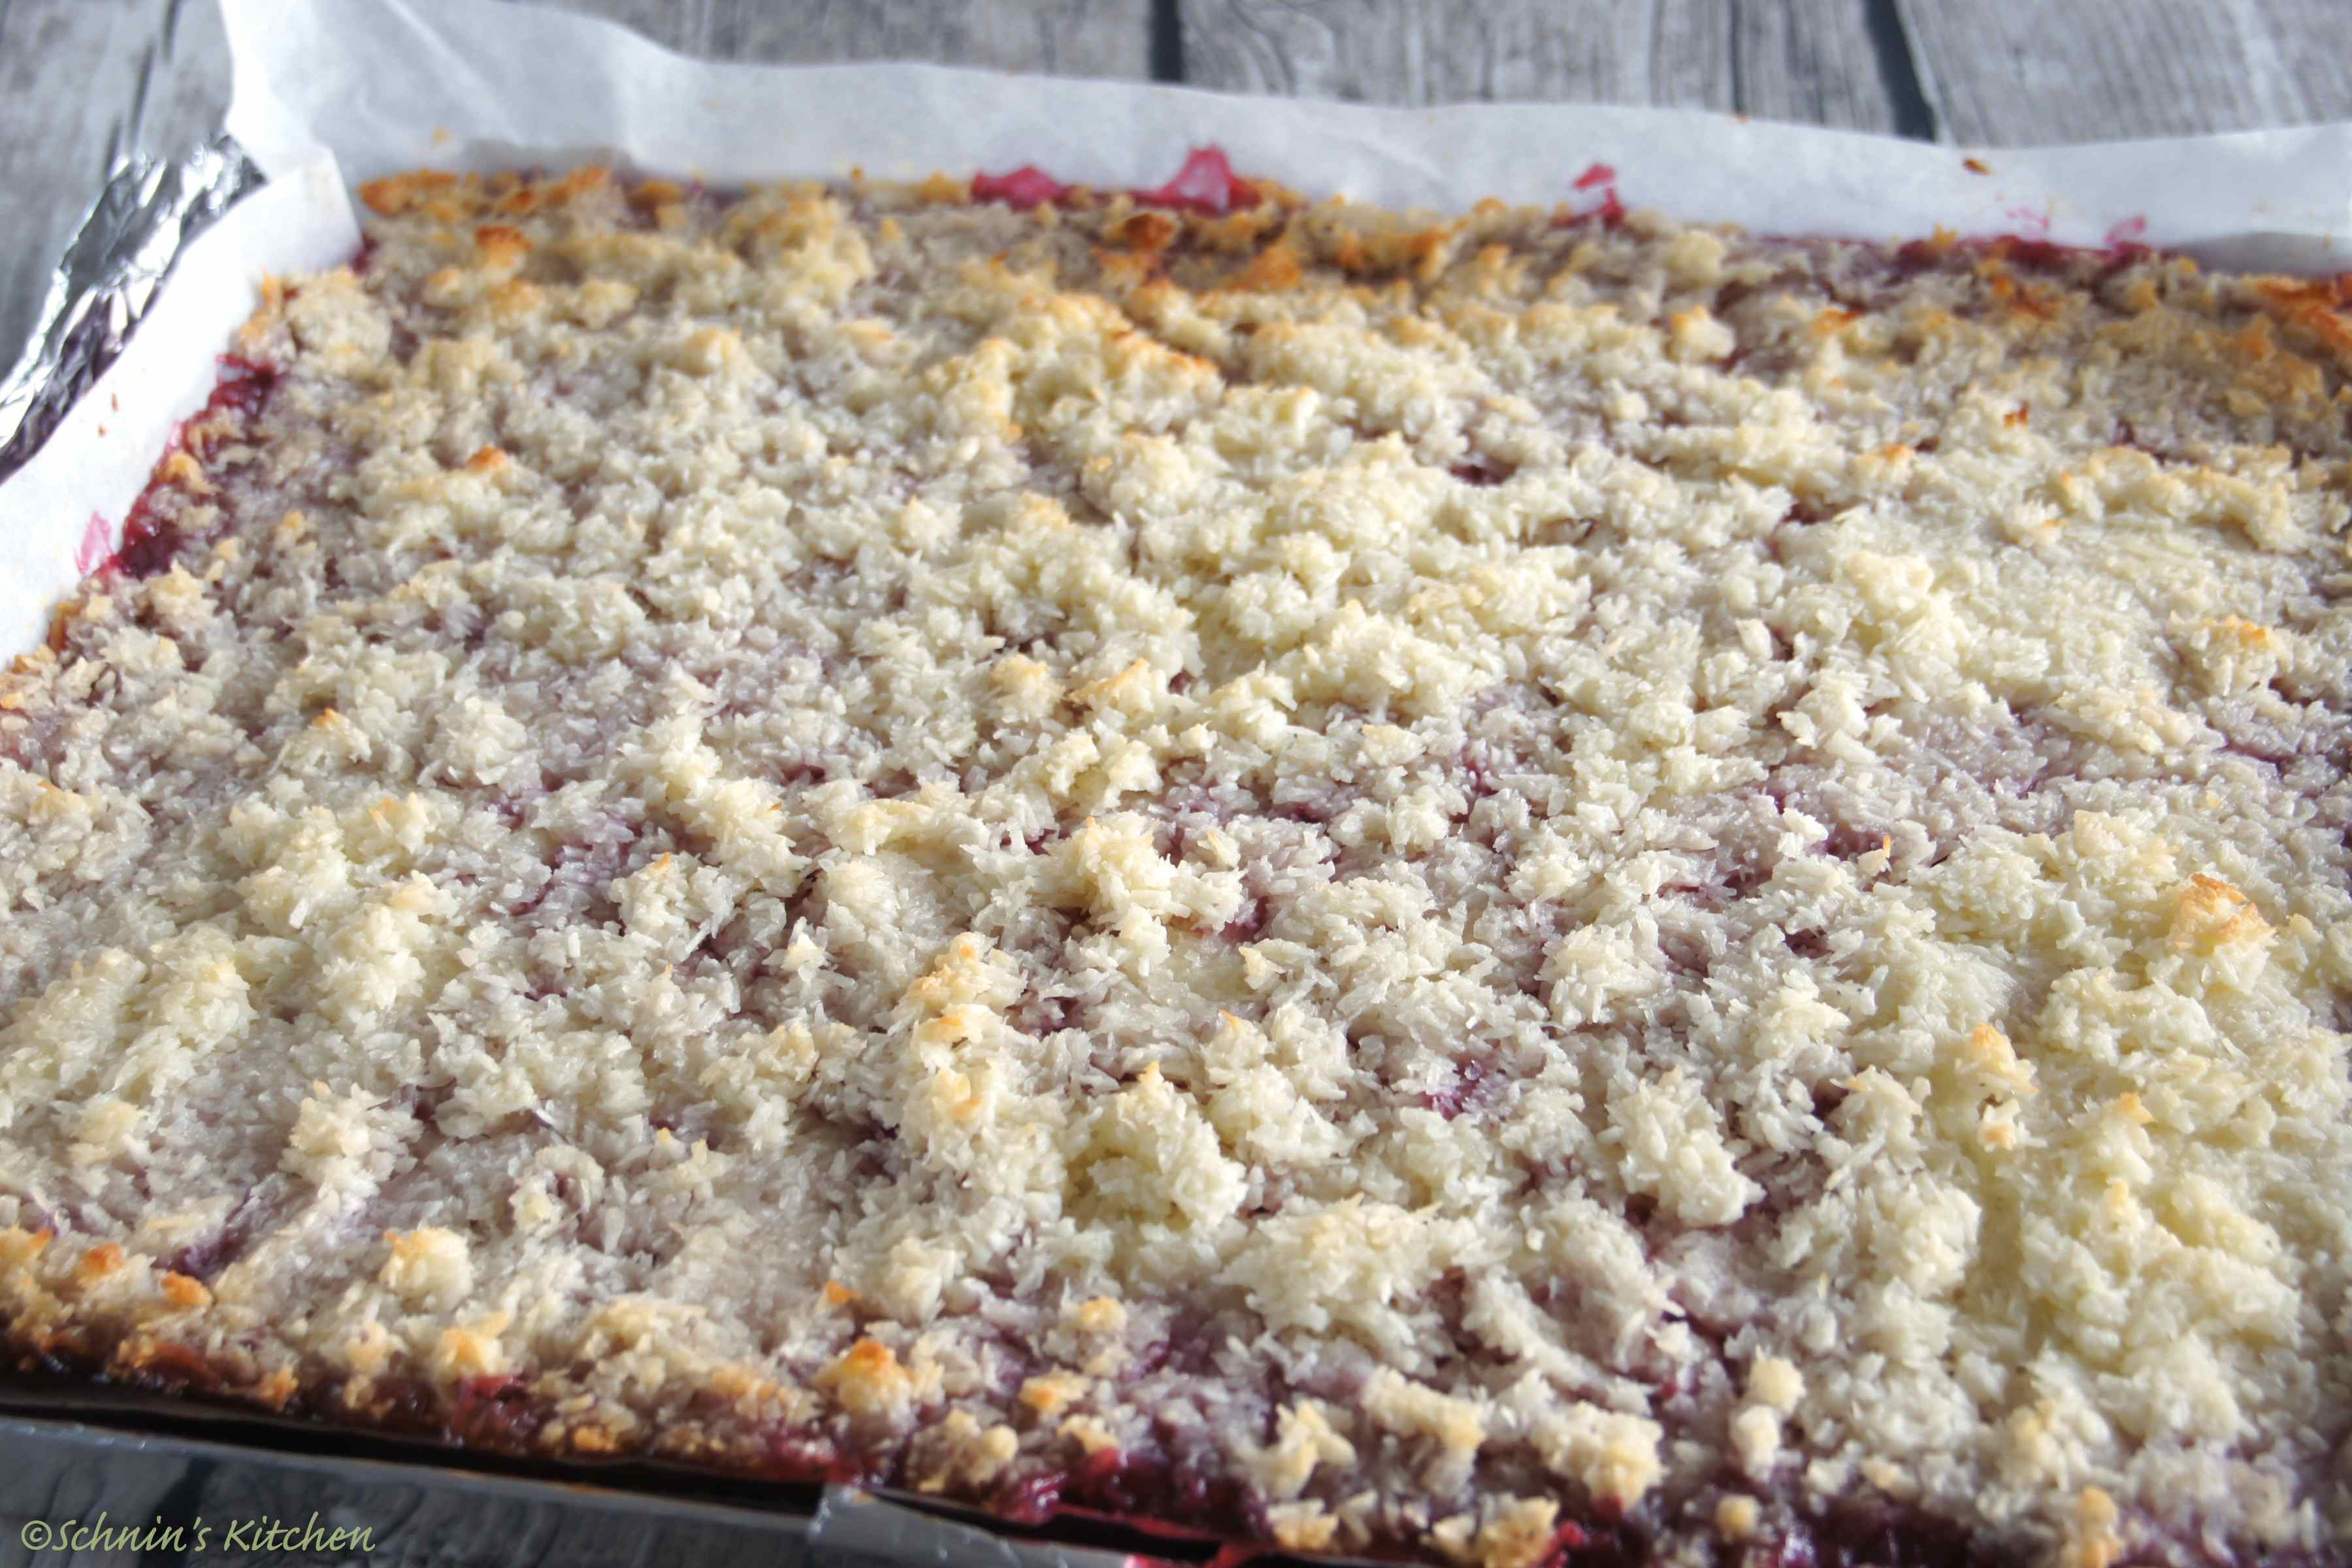 Himbeer Kokos Kuchen Vom Blech Schnin S Kitchen